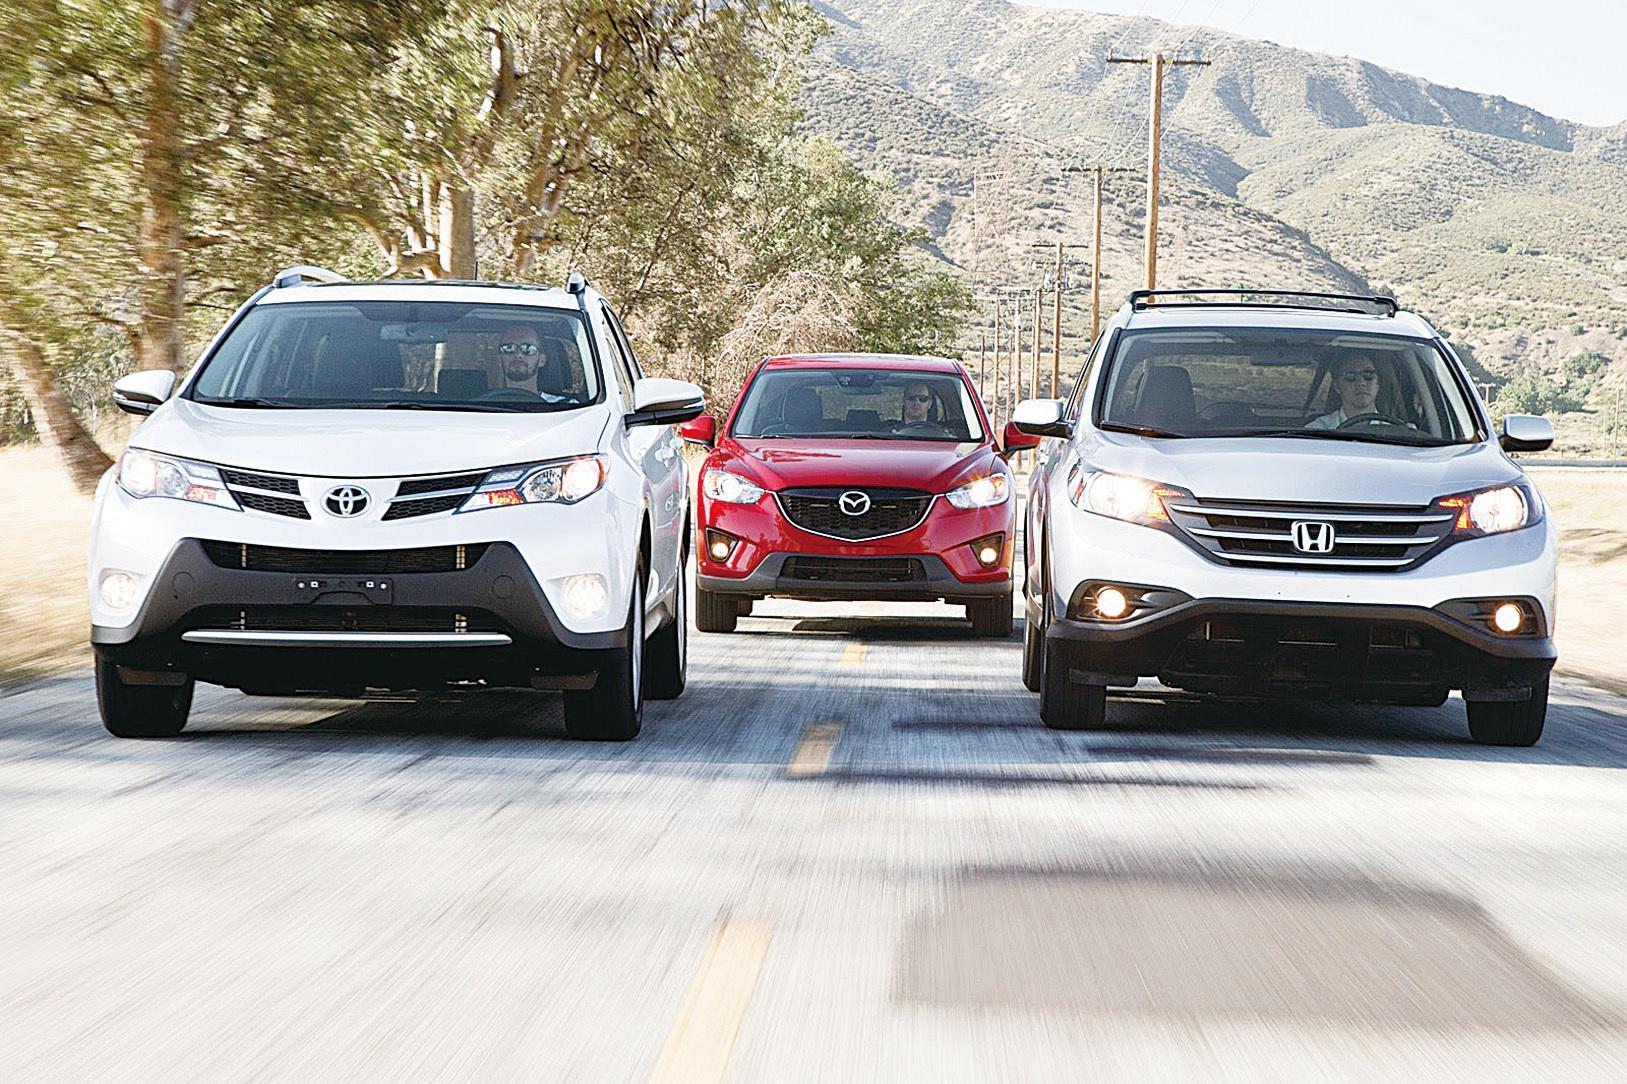 家庭需要空間。幸運的是,Honda CR-V和Toyota RAV4在載貨能力和內籠容積方面都堪稱級別中的佼佼者。(Youtube)